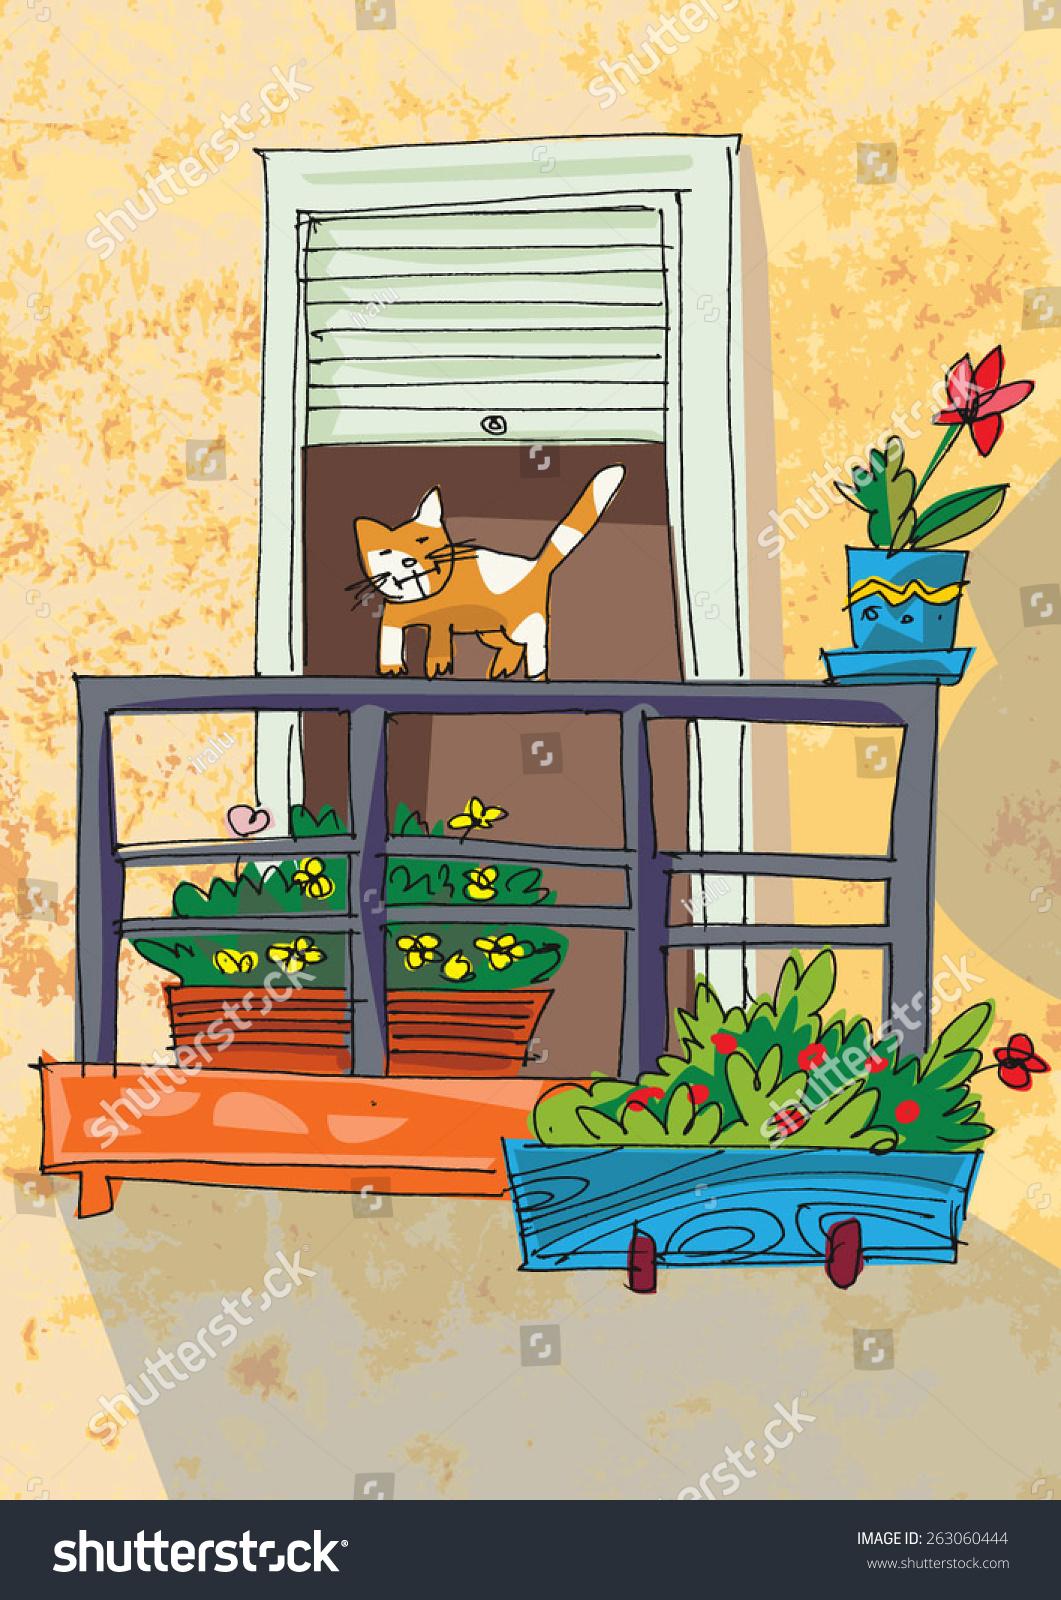 Cute balcony cartoon stock vector 263060444 shutterstock for Balcony cartoon